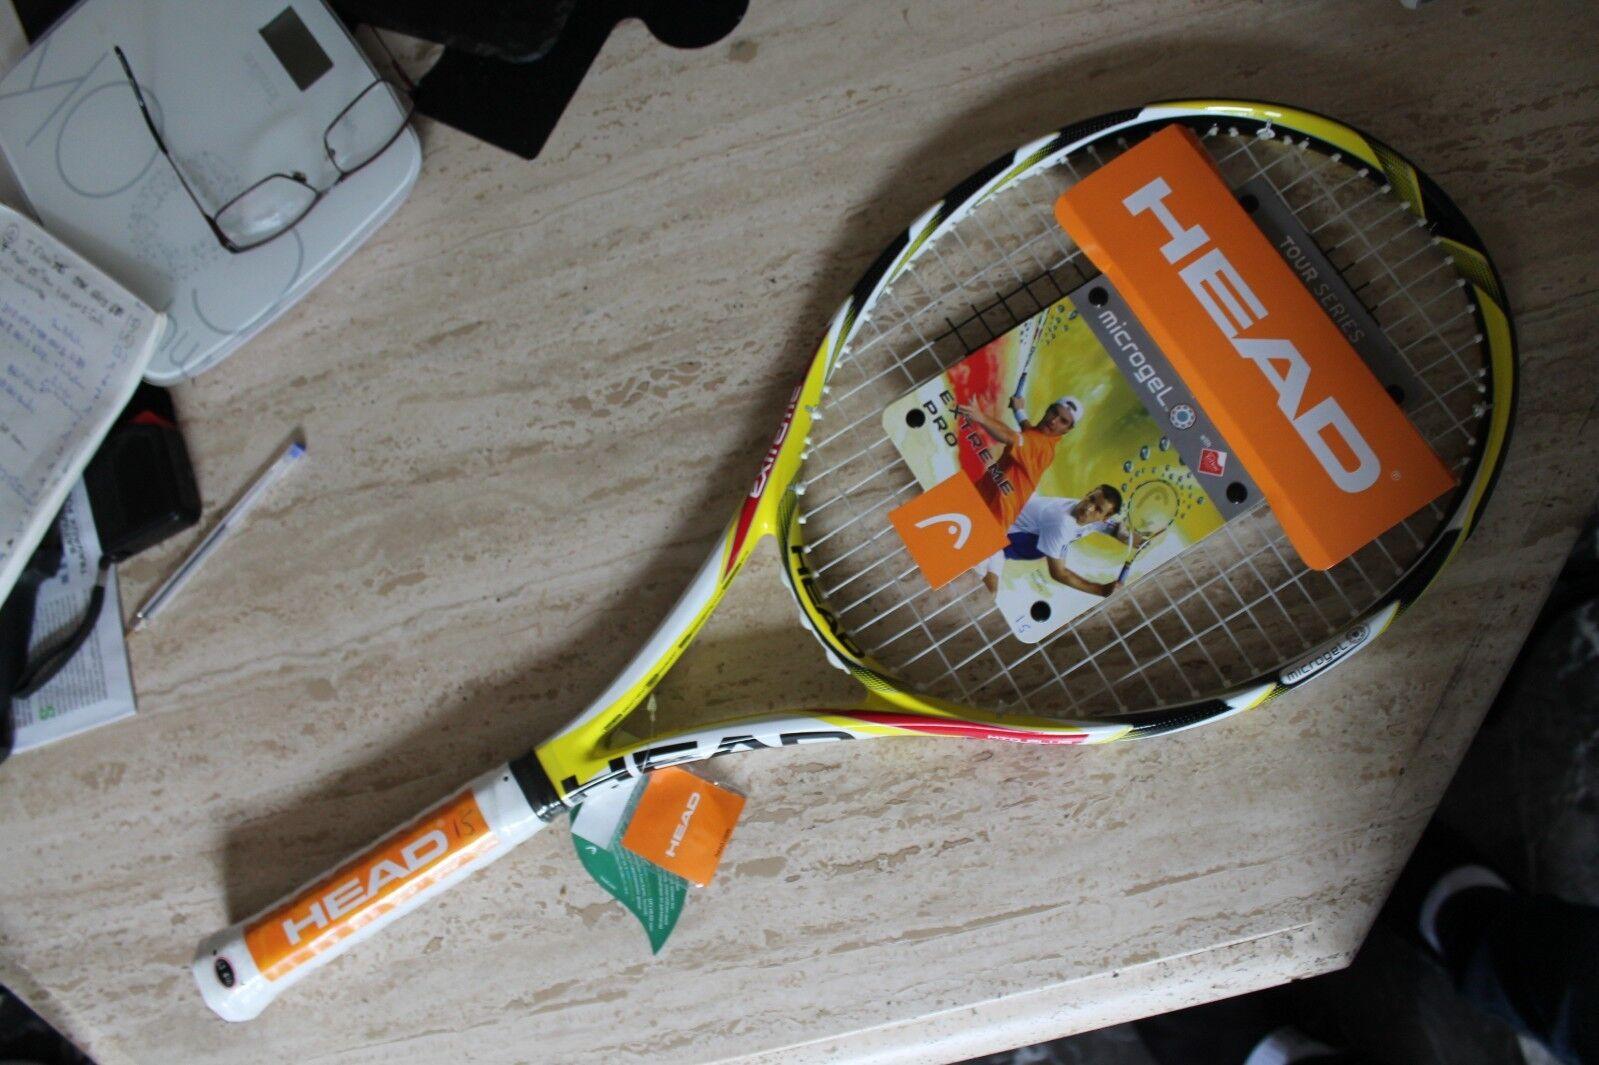 A RAQUETTE de tennis HEAD MICROGEL EXTREME PRO MID PLUS 4 3 8 GRIP 3 315gr (15 )